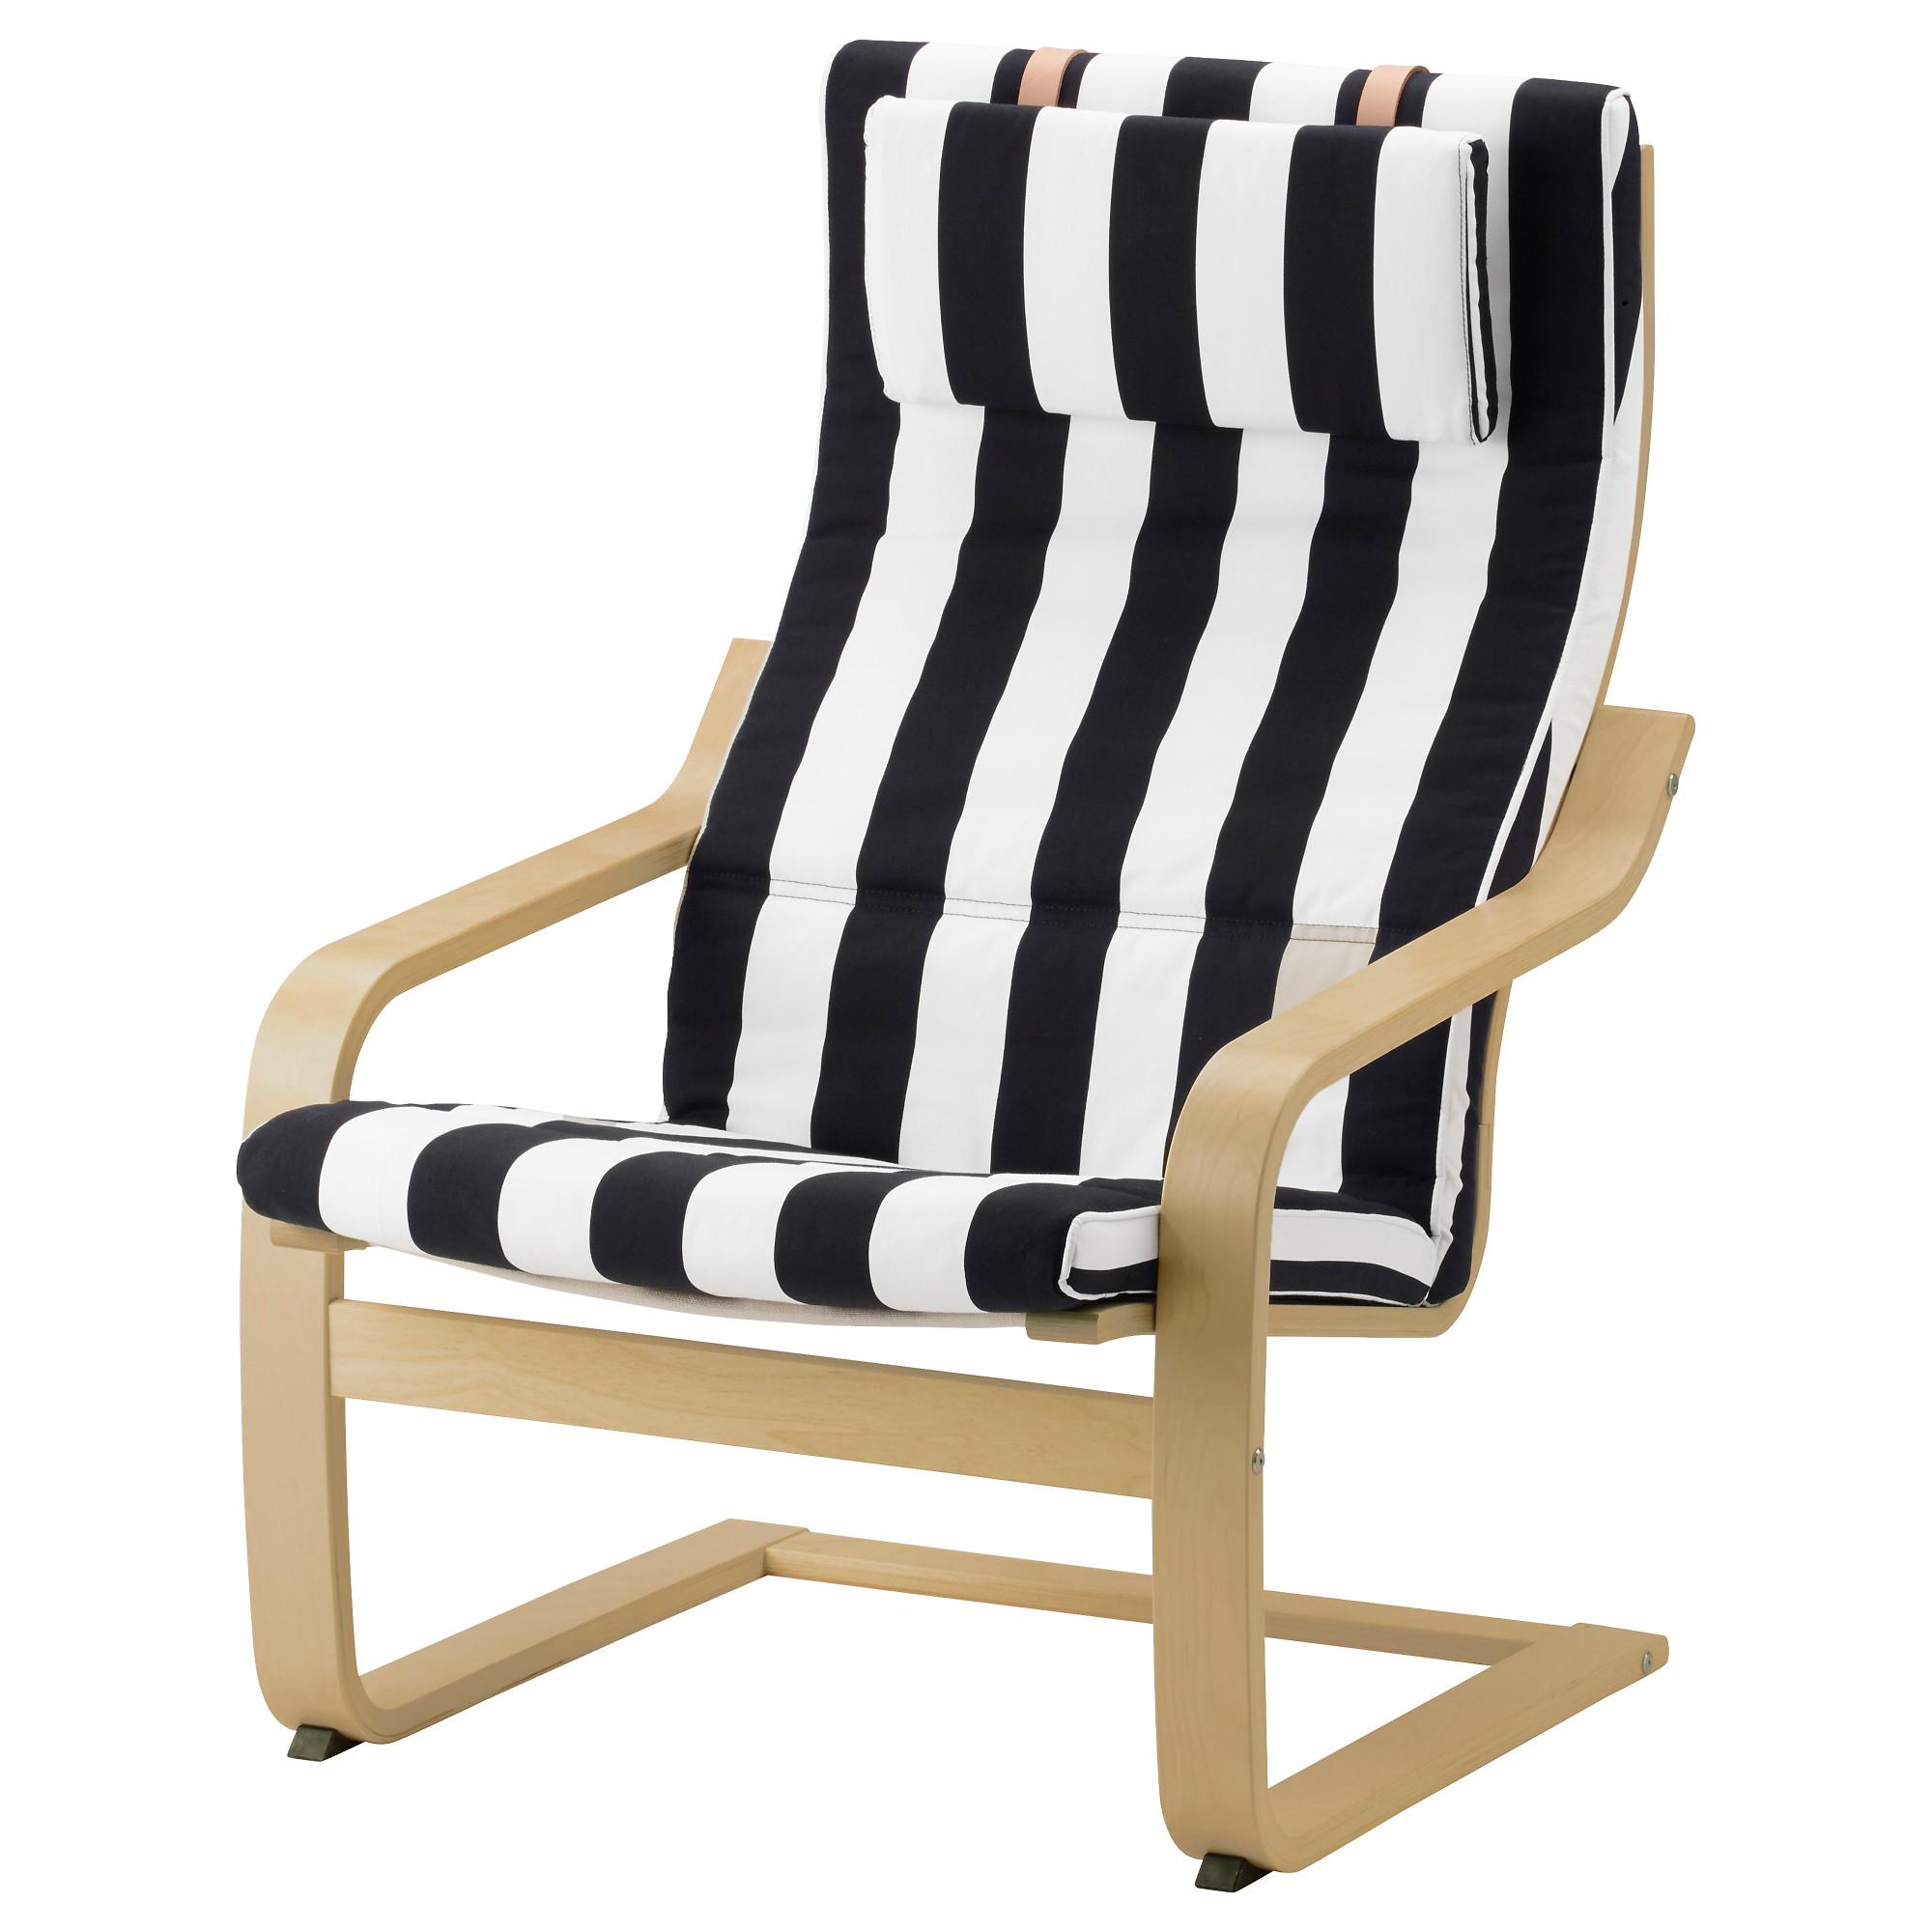 Кресло ПОЭНГ черный/белый артикуль № 592.515.53 в наличии. Online каталог ИКЕА РБ. Недорогая доставка и установка.